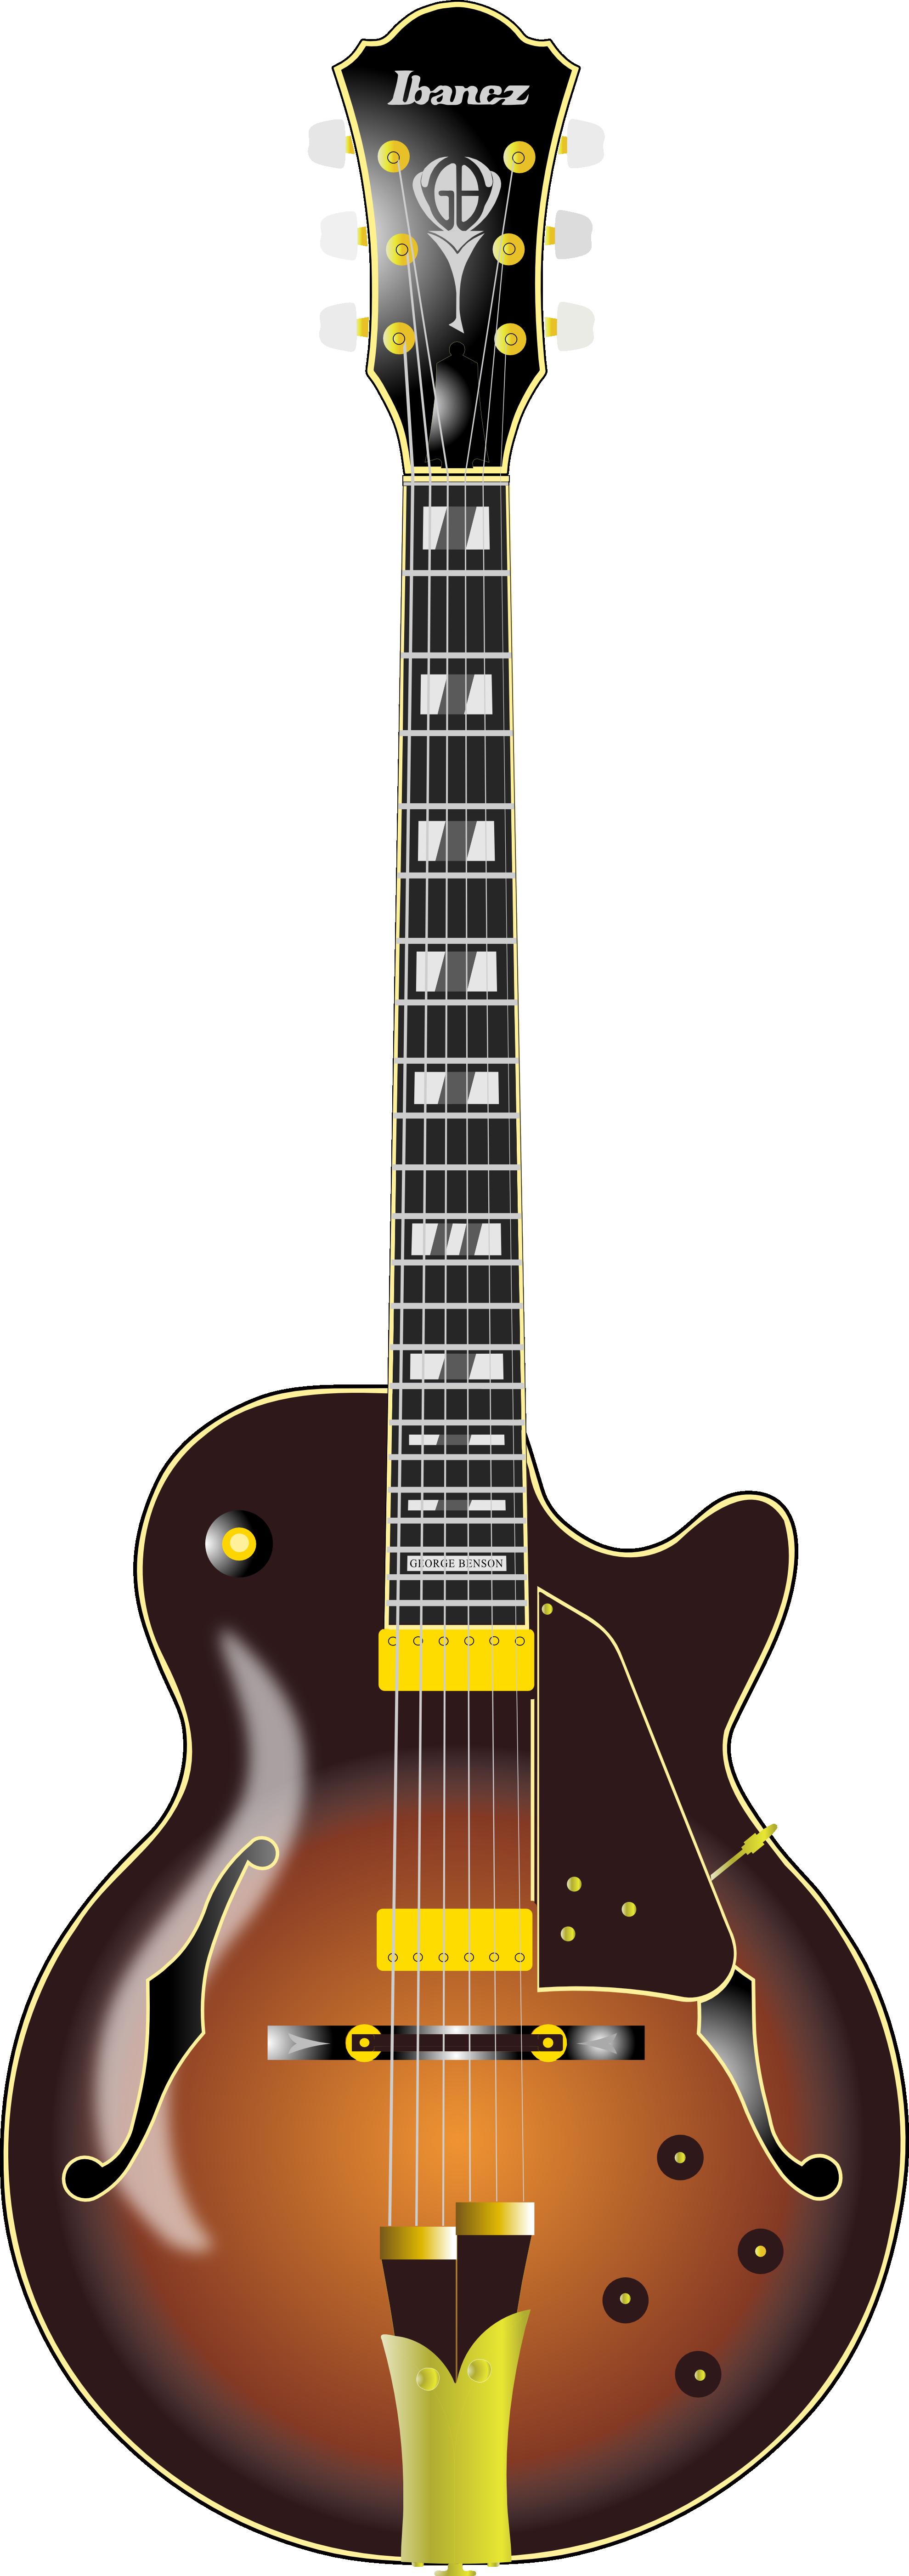 Youtube clipart guitar. Clipartist net clip art